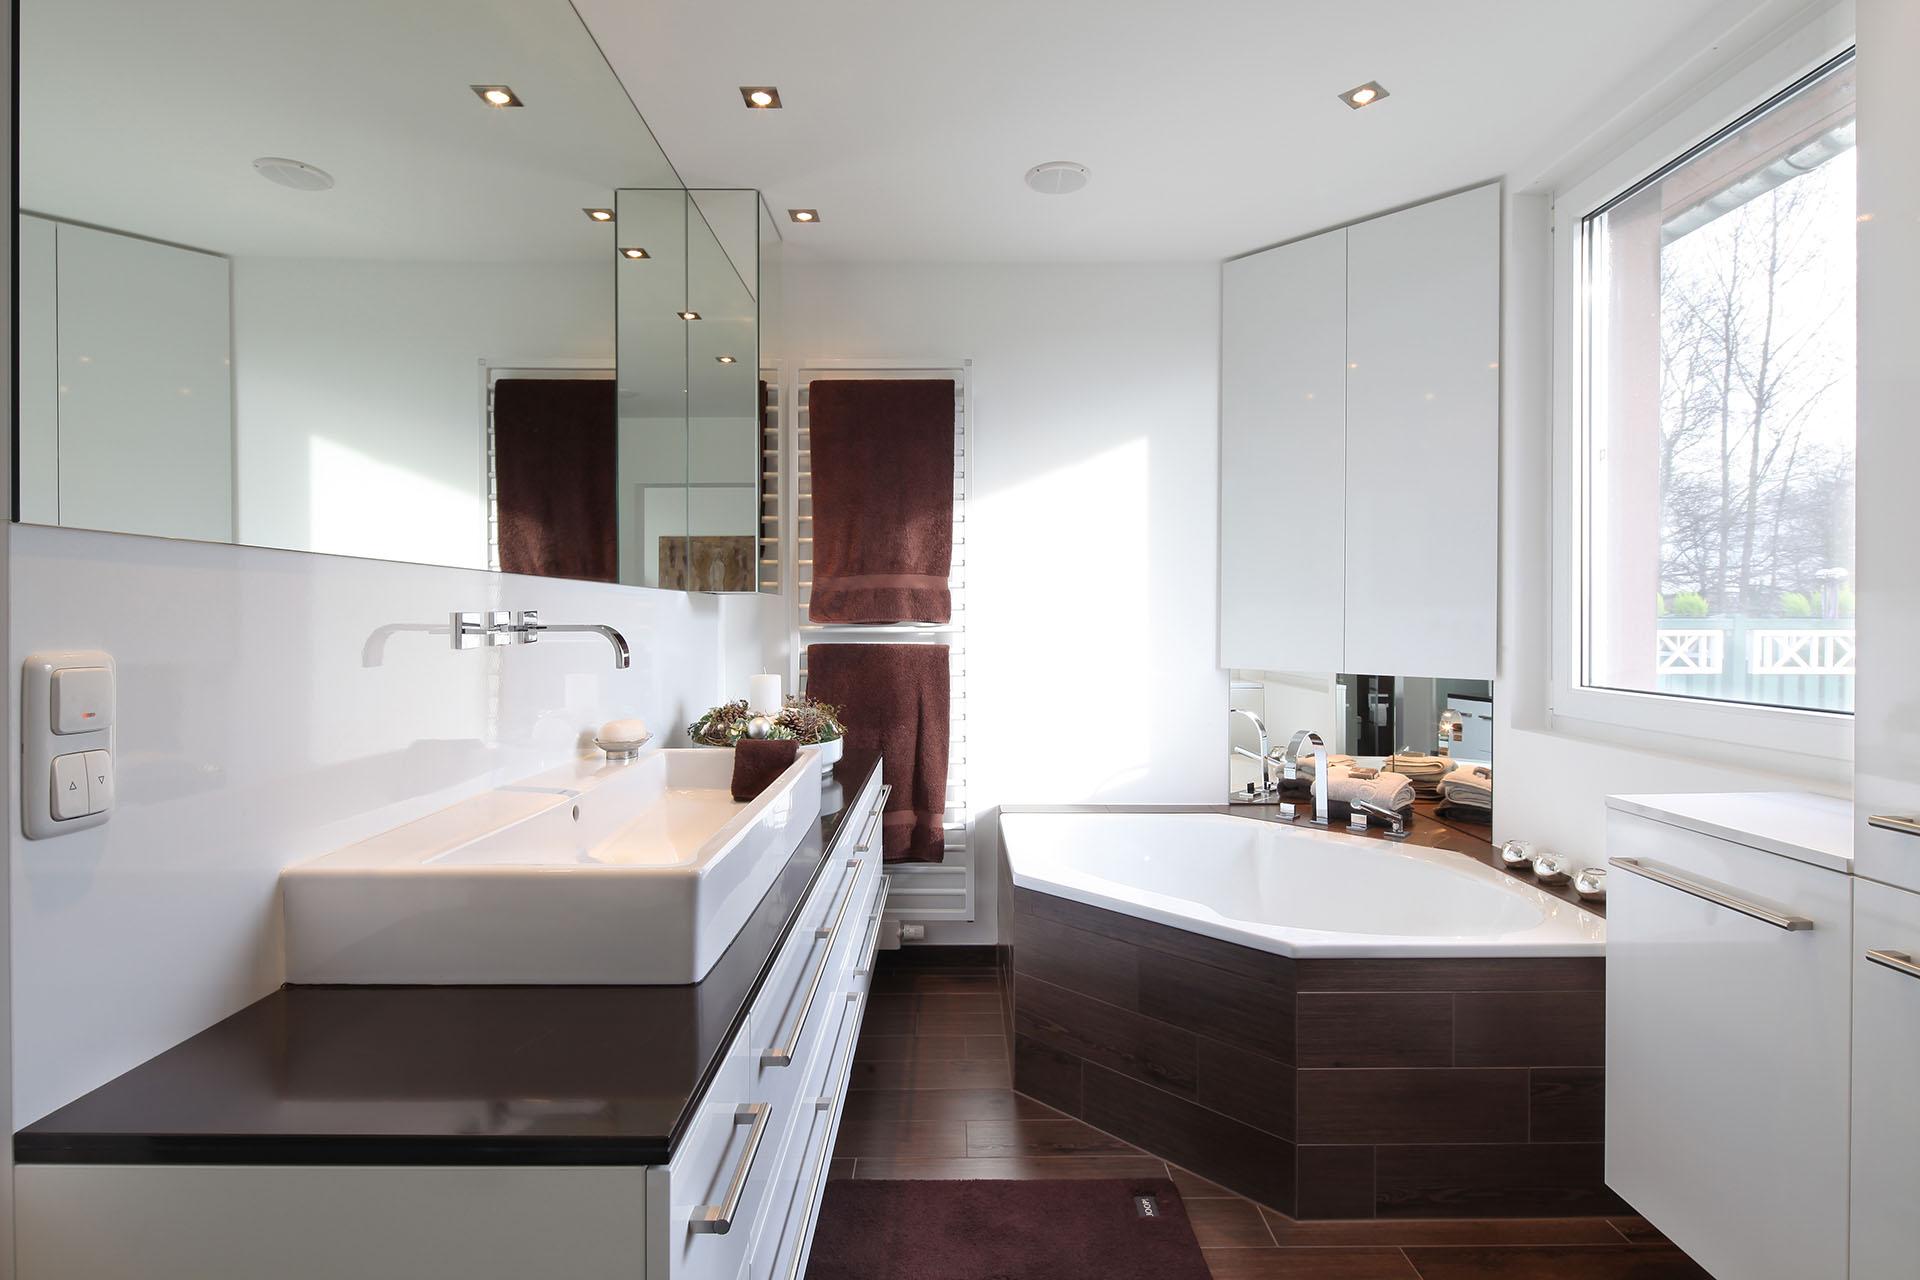 Badezimmer in braunt nen glaescher design innenausbau for Raumgestaltung 1 zimmer wohnung